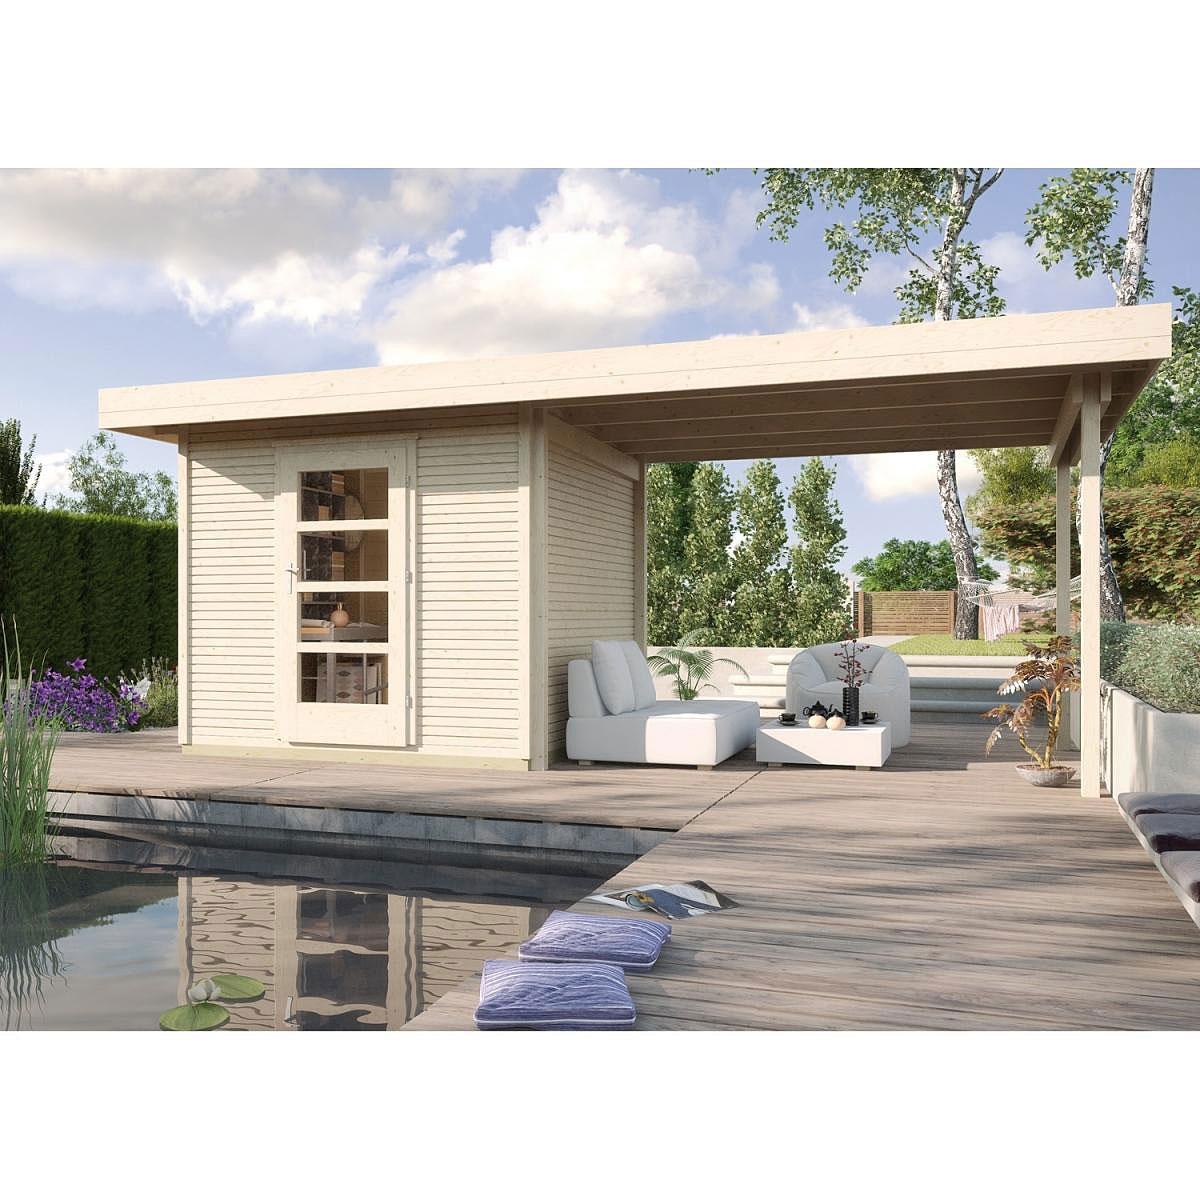 Weka Holz-Gartenhaus wekaLine Natur 210 cm x 205 cm mit Anbau 300 cm